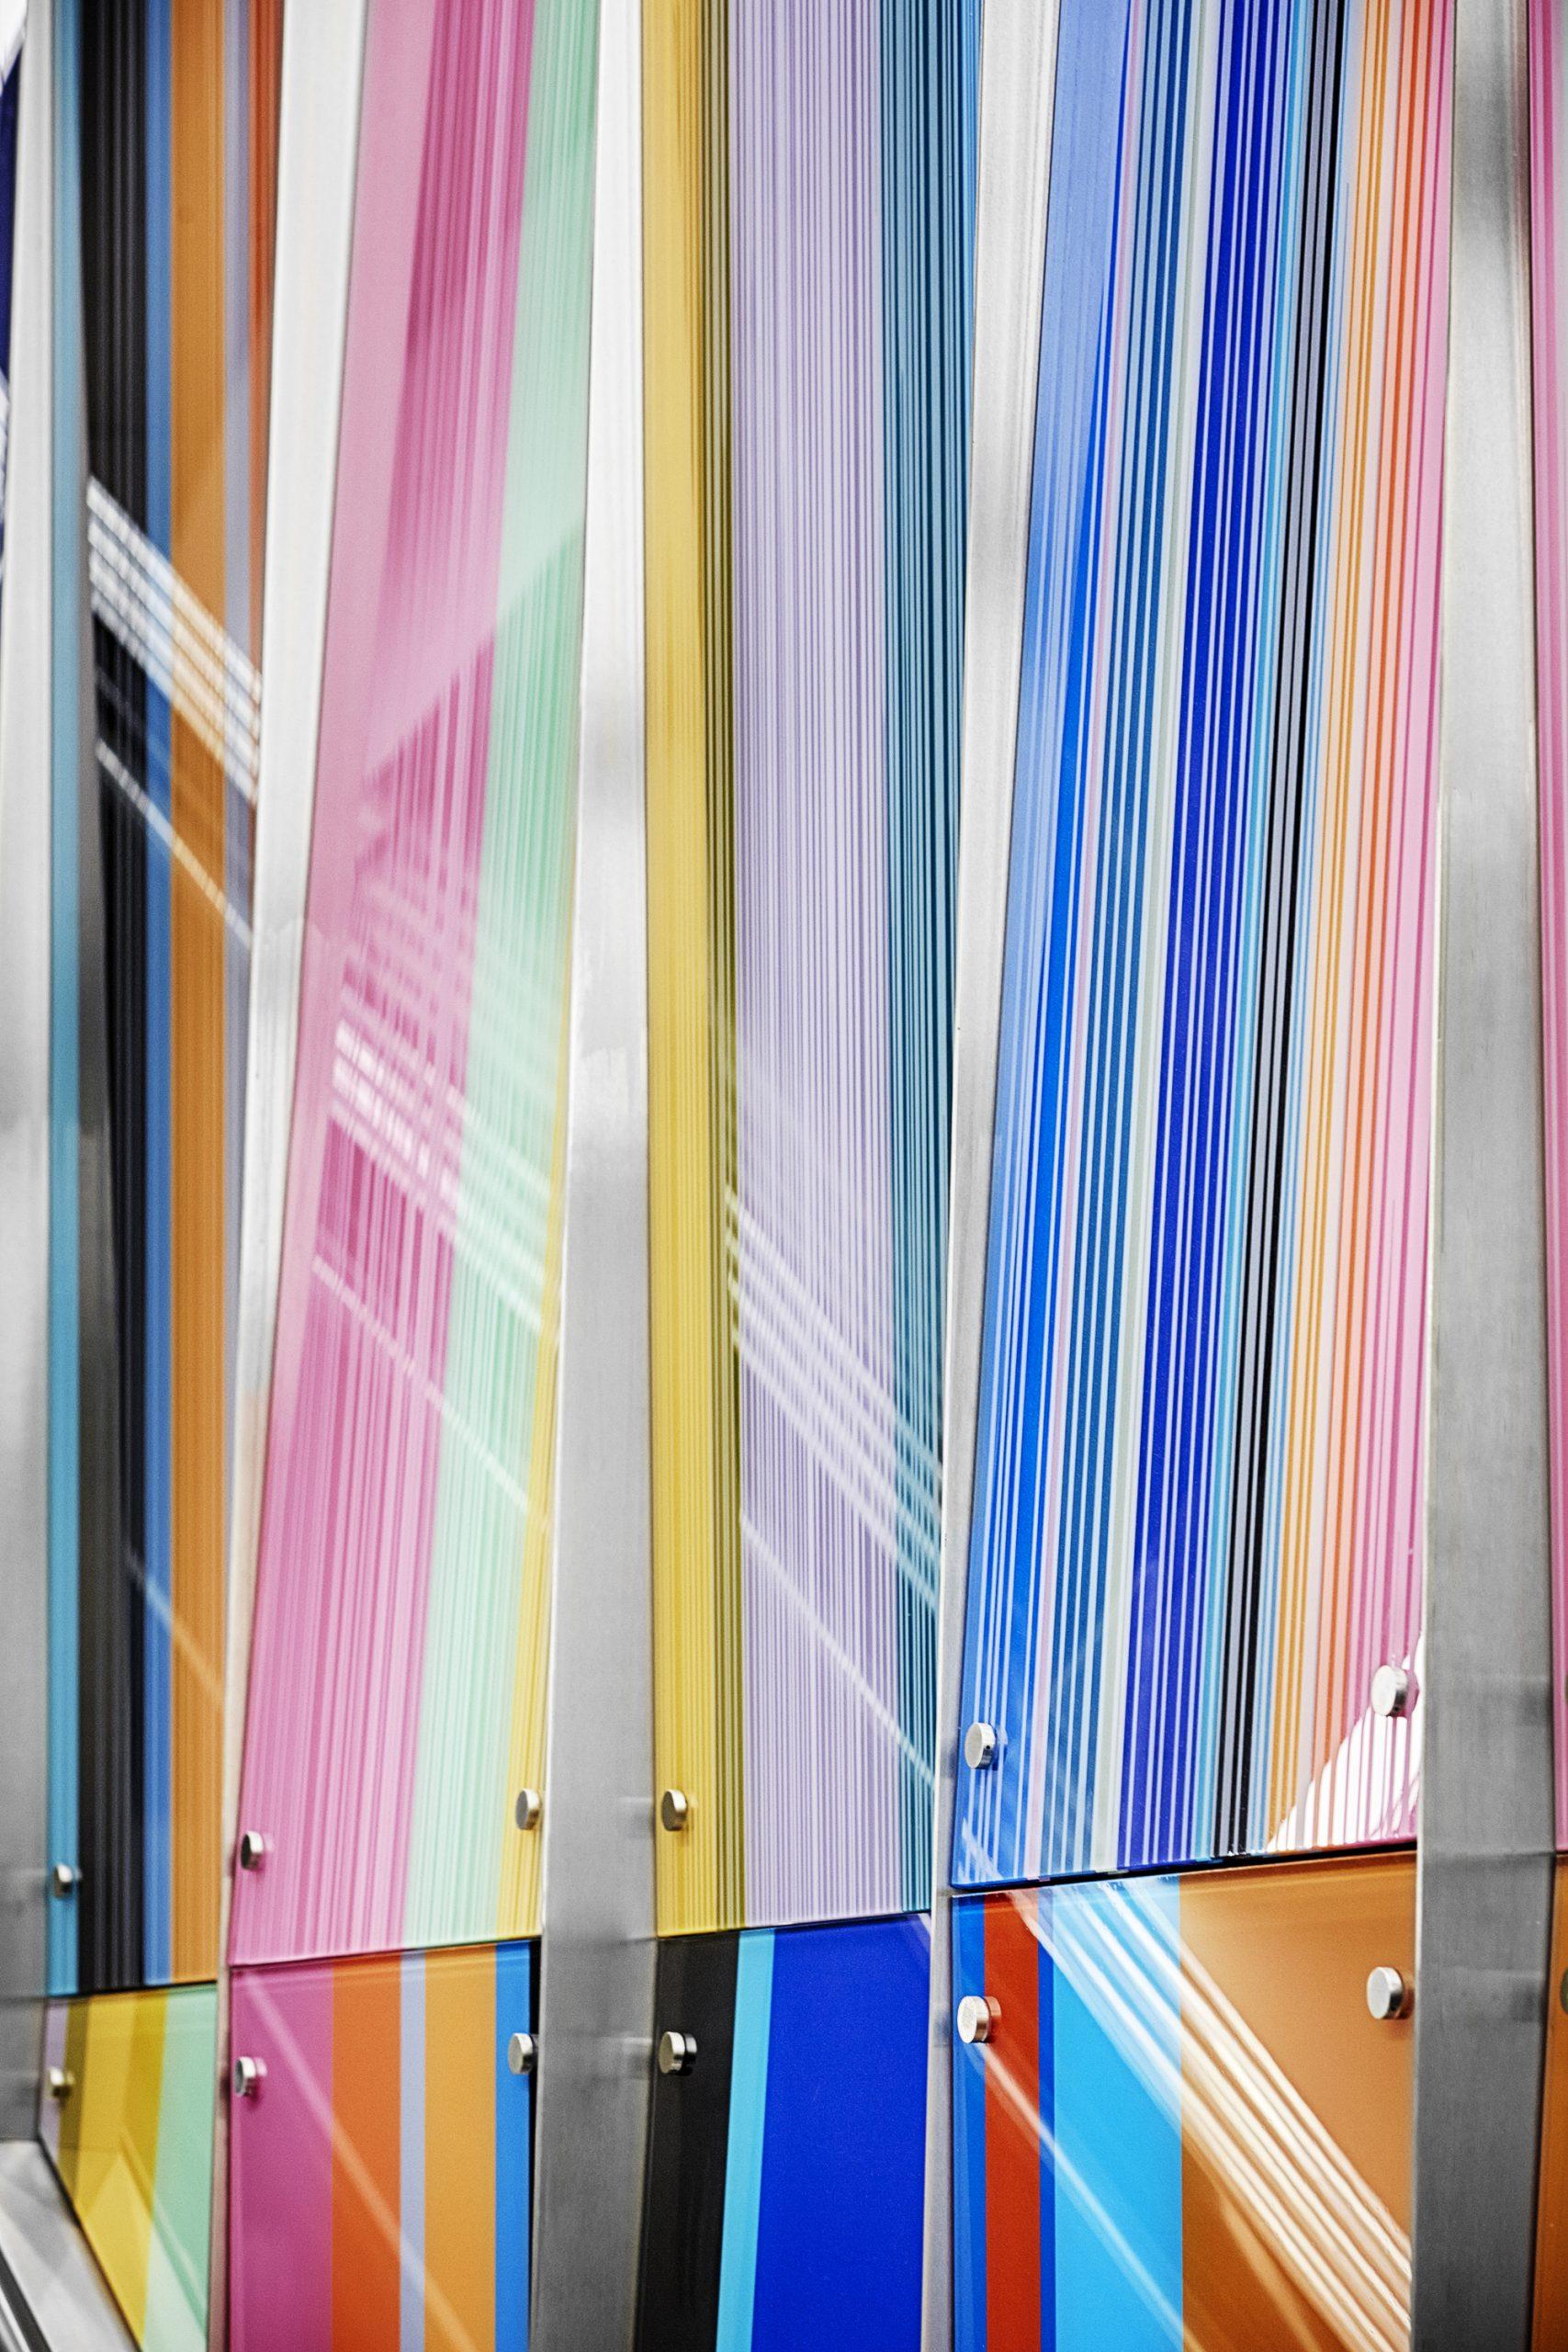 Richard Bolling Federal Building Escalator/Art Wall